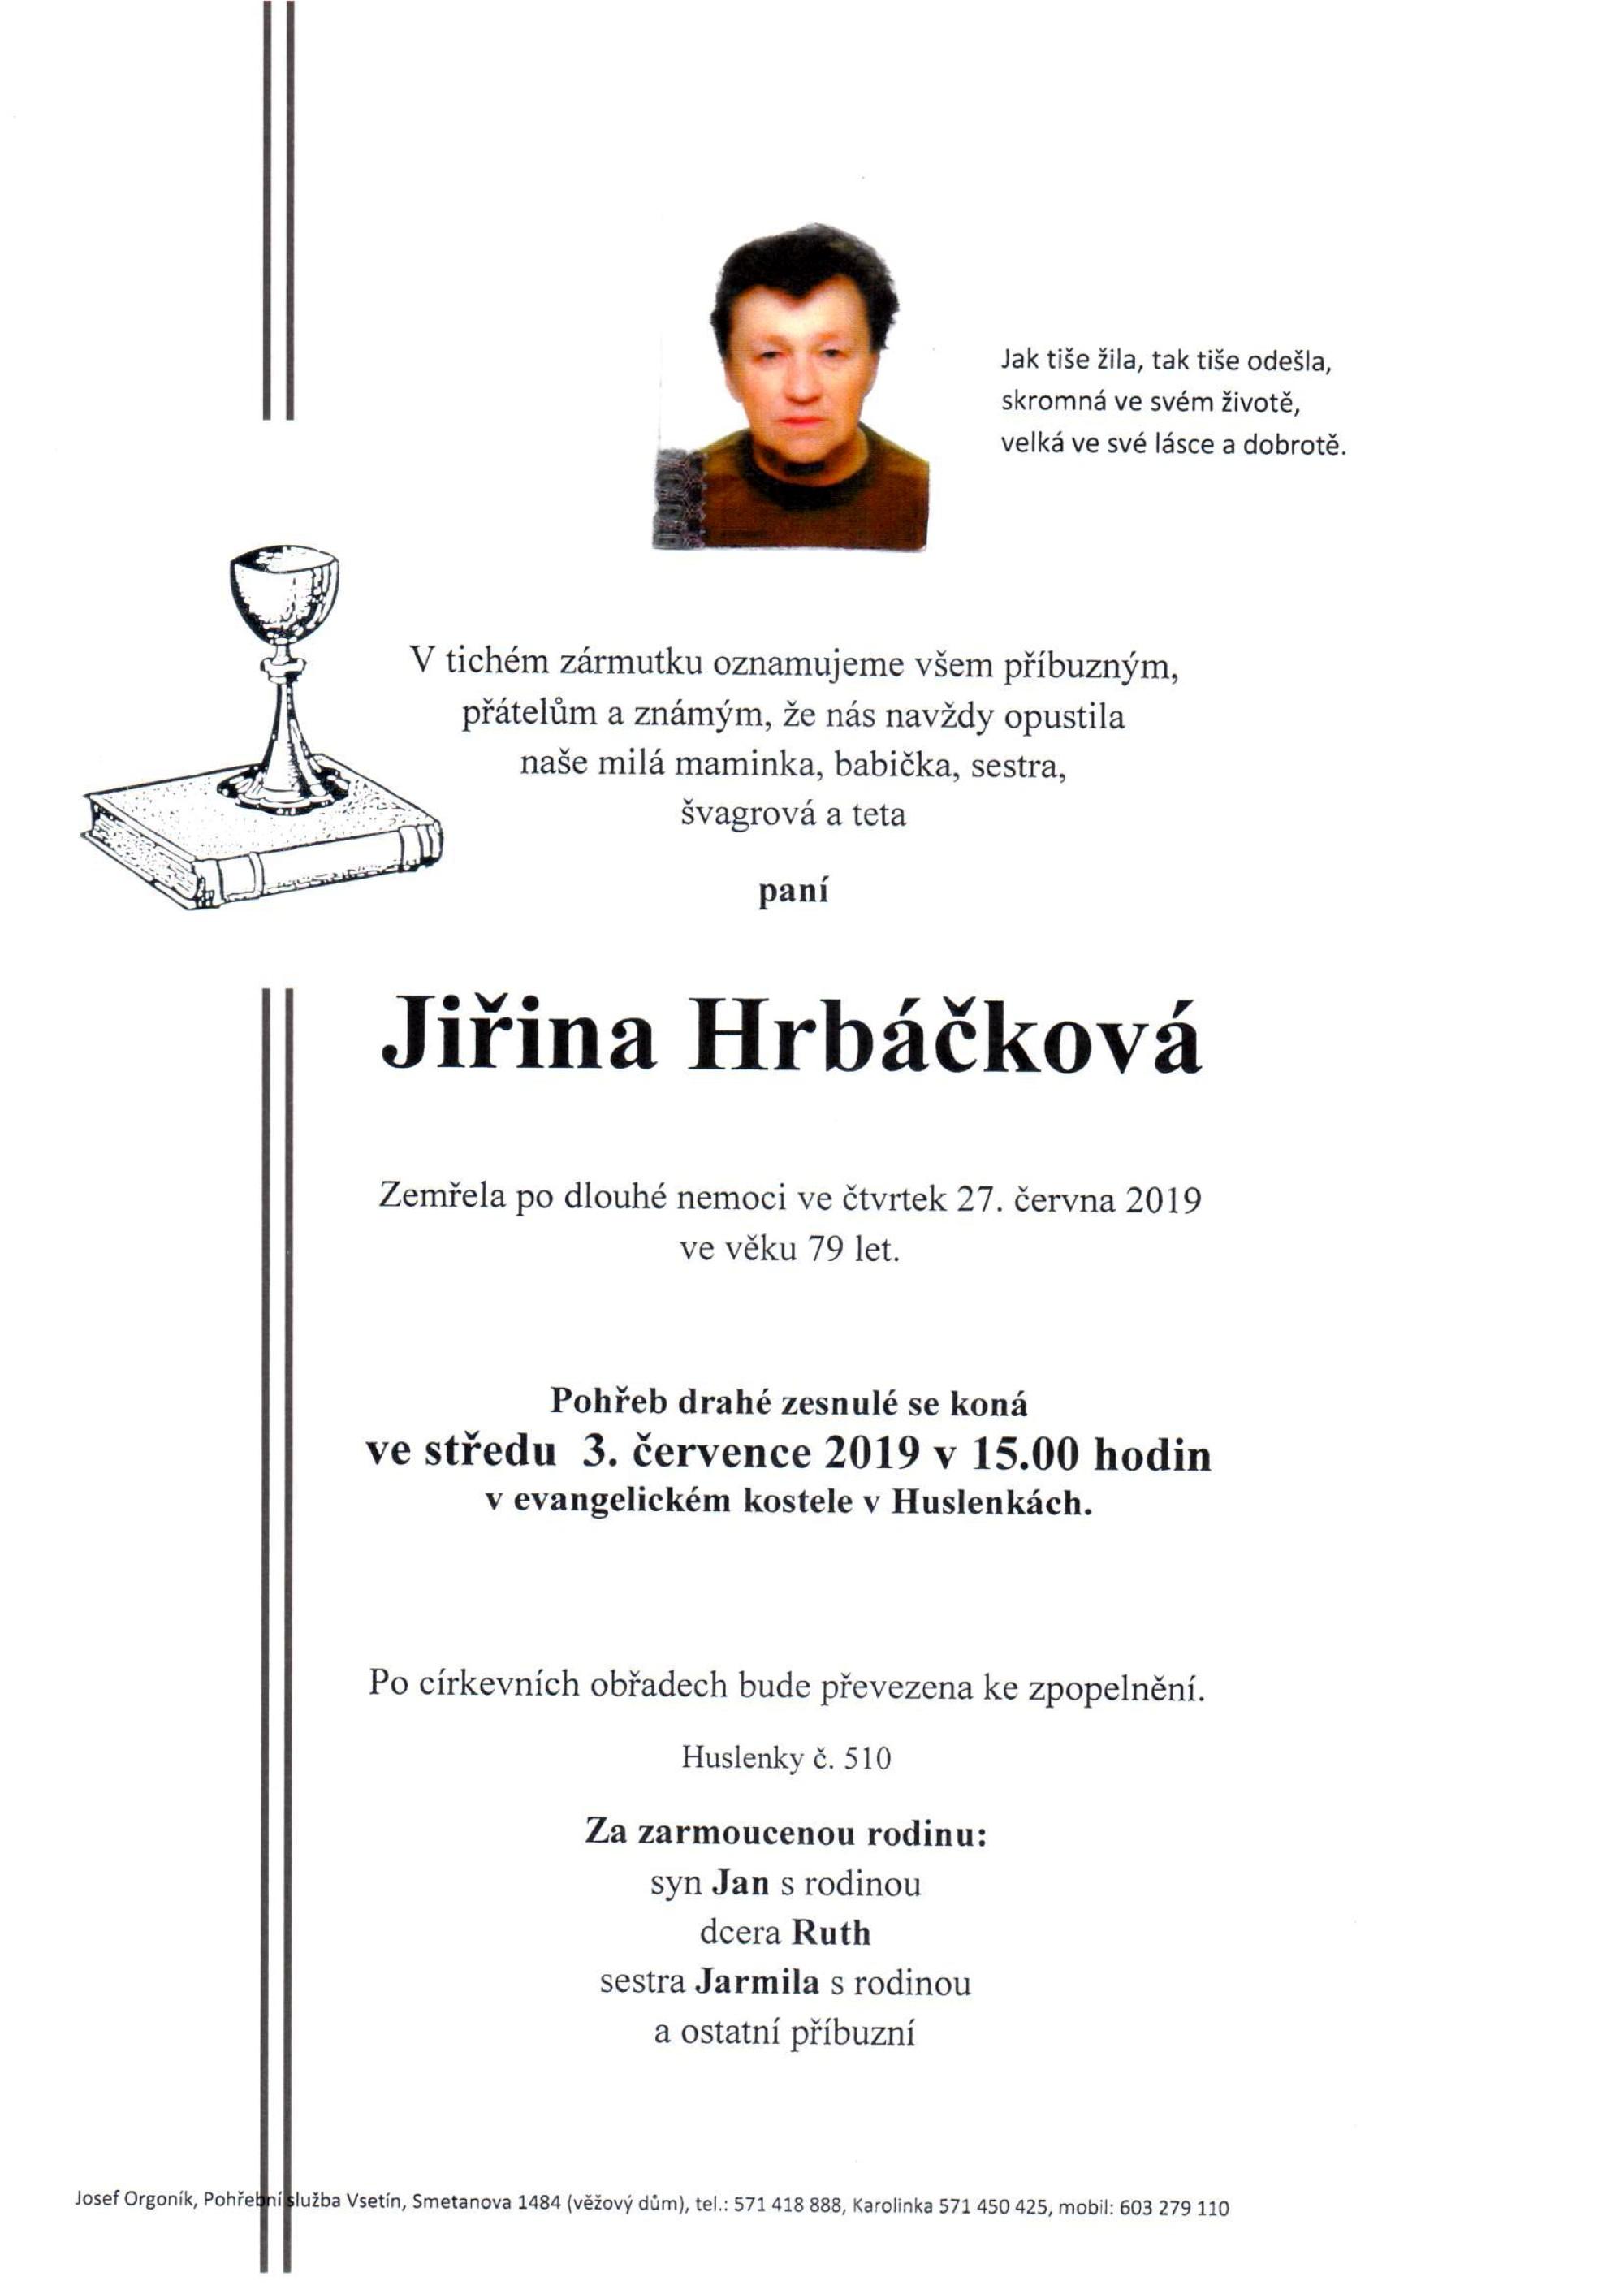 Jiřina Hrbáčková